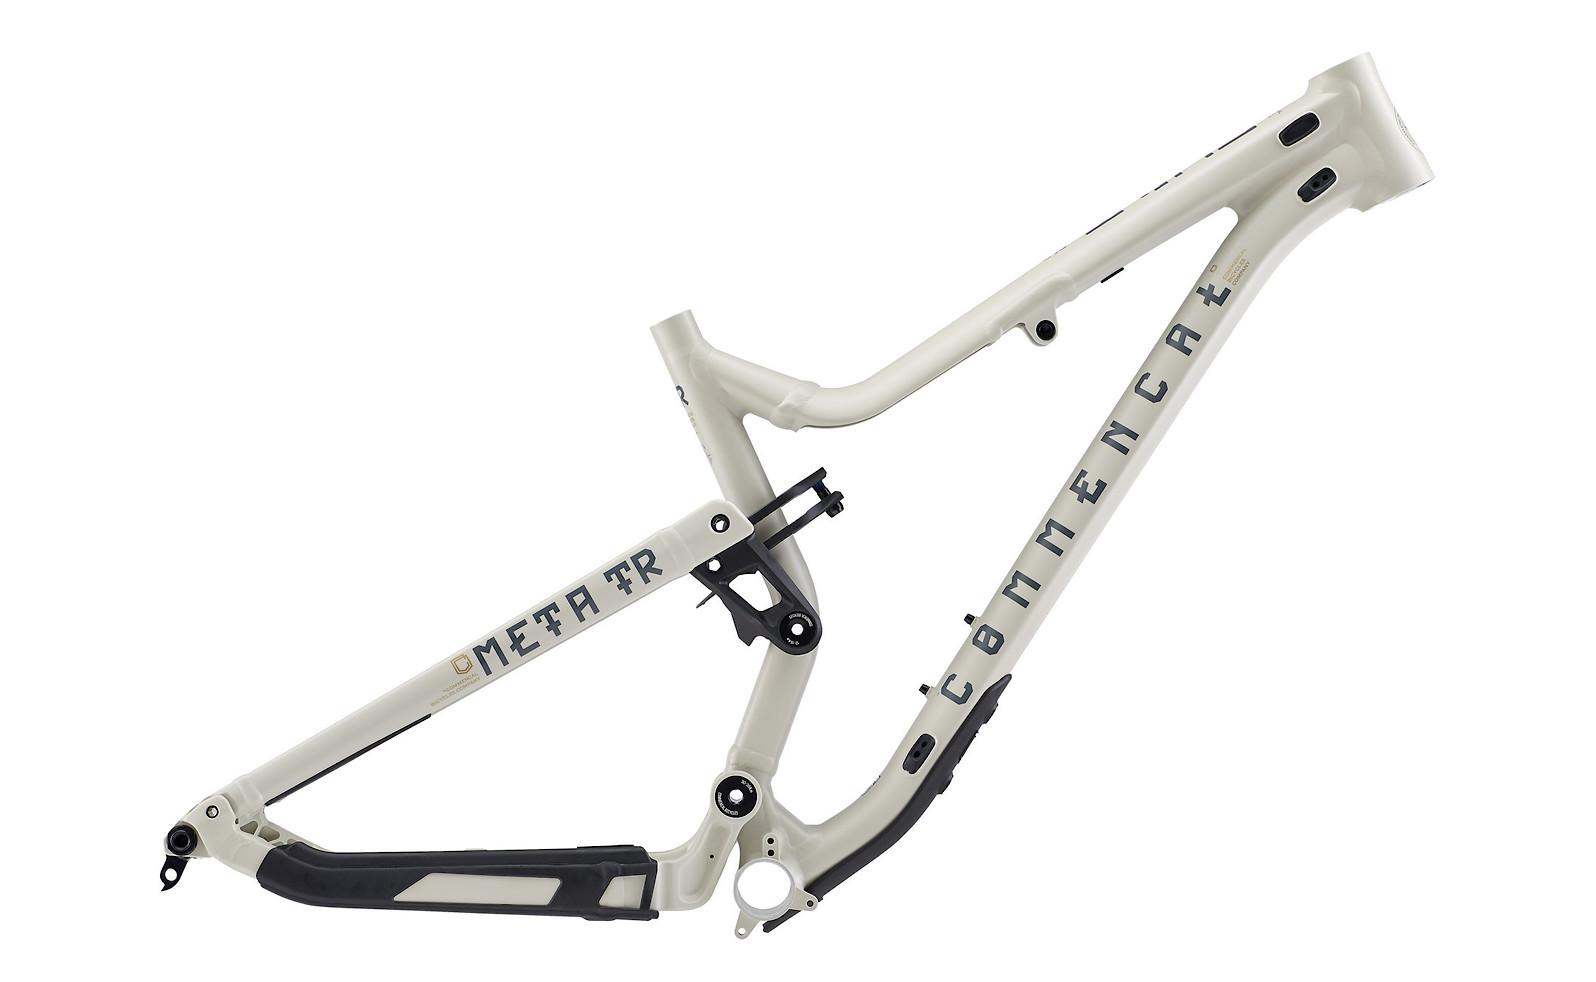 Commencal Meta TR 29 SX Frame